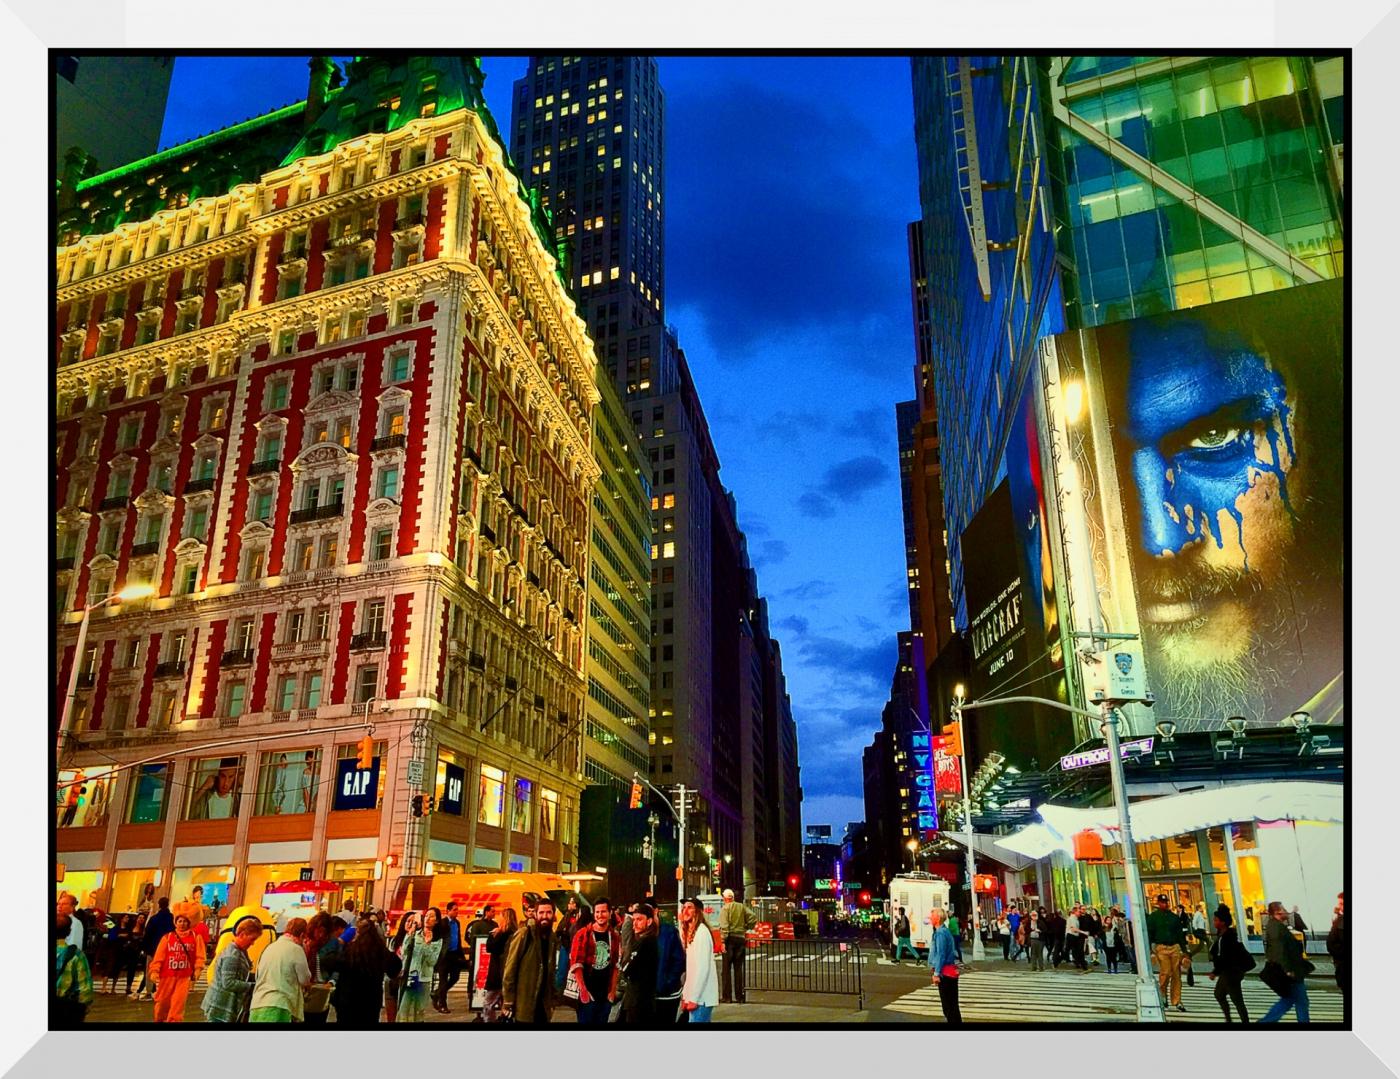 【盲流摄影】曼哈顿42街时报广场(手机扫街)_图1-23